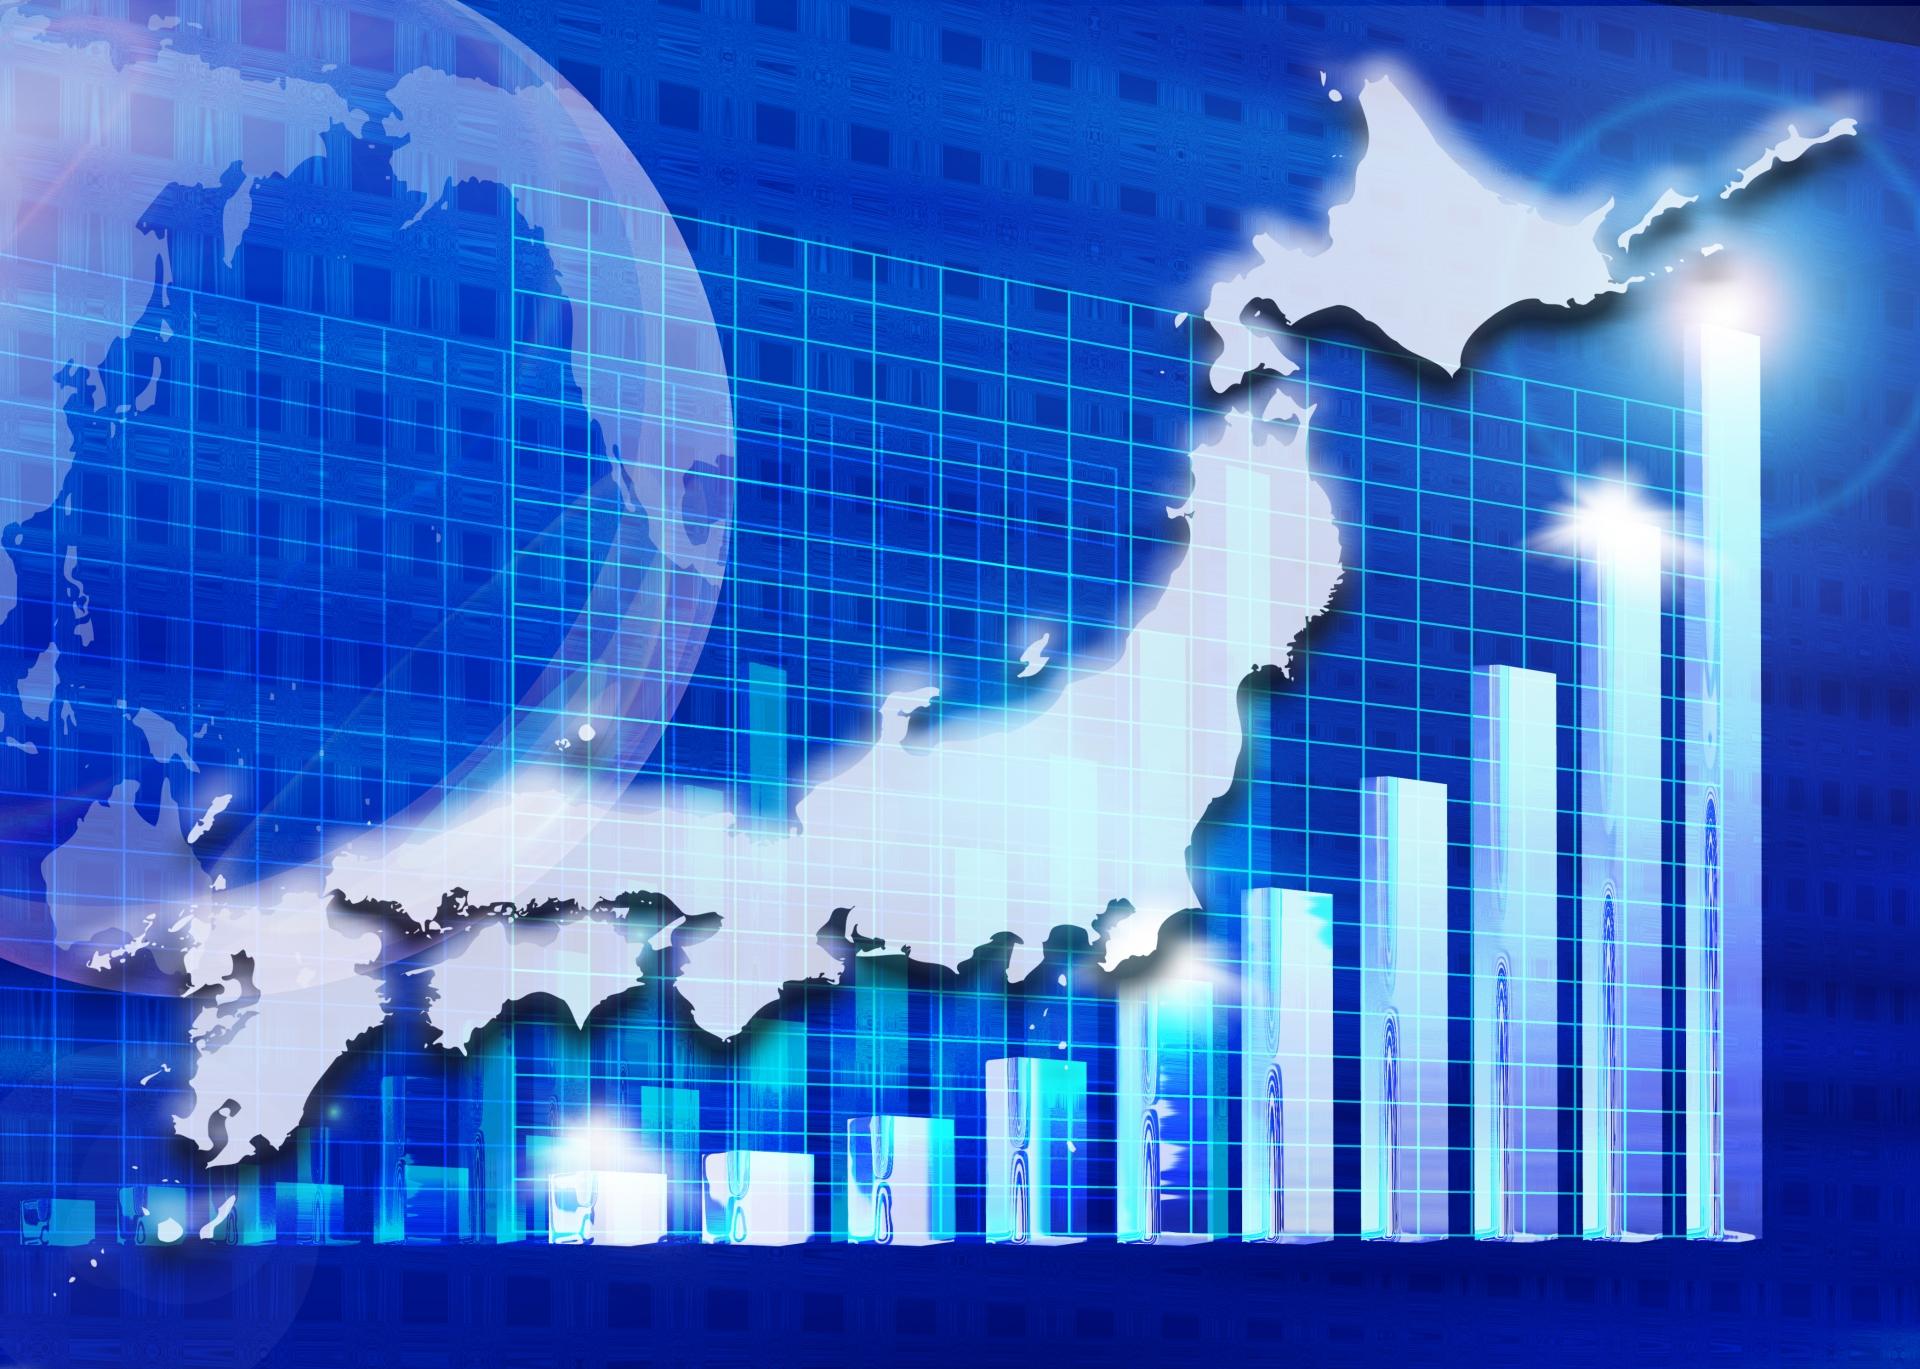 楽天市場を中心に前年に比べて国内EC流通額が11.3%増加